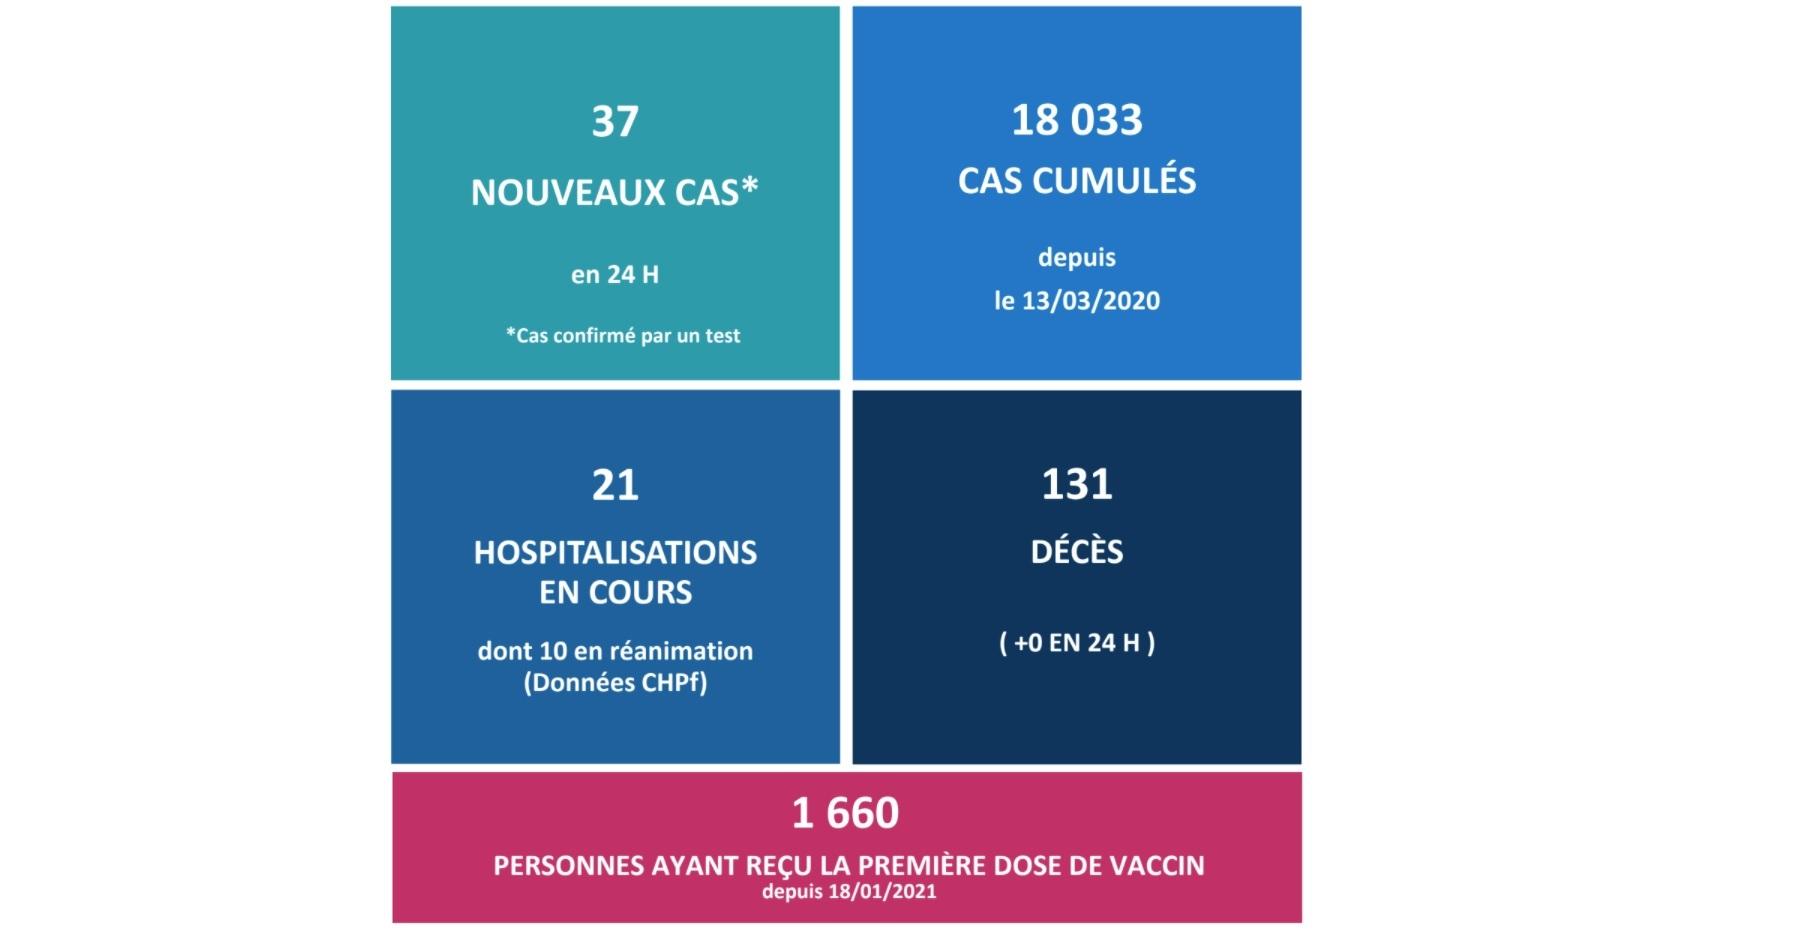 37 nouveaux cas et aucun décès lié au Covid ce jeudi